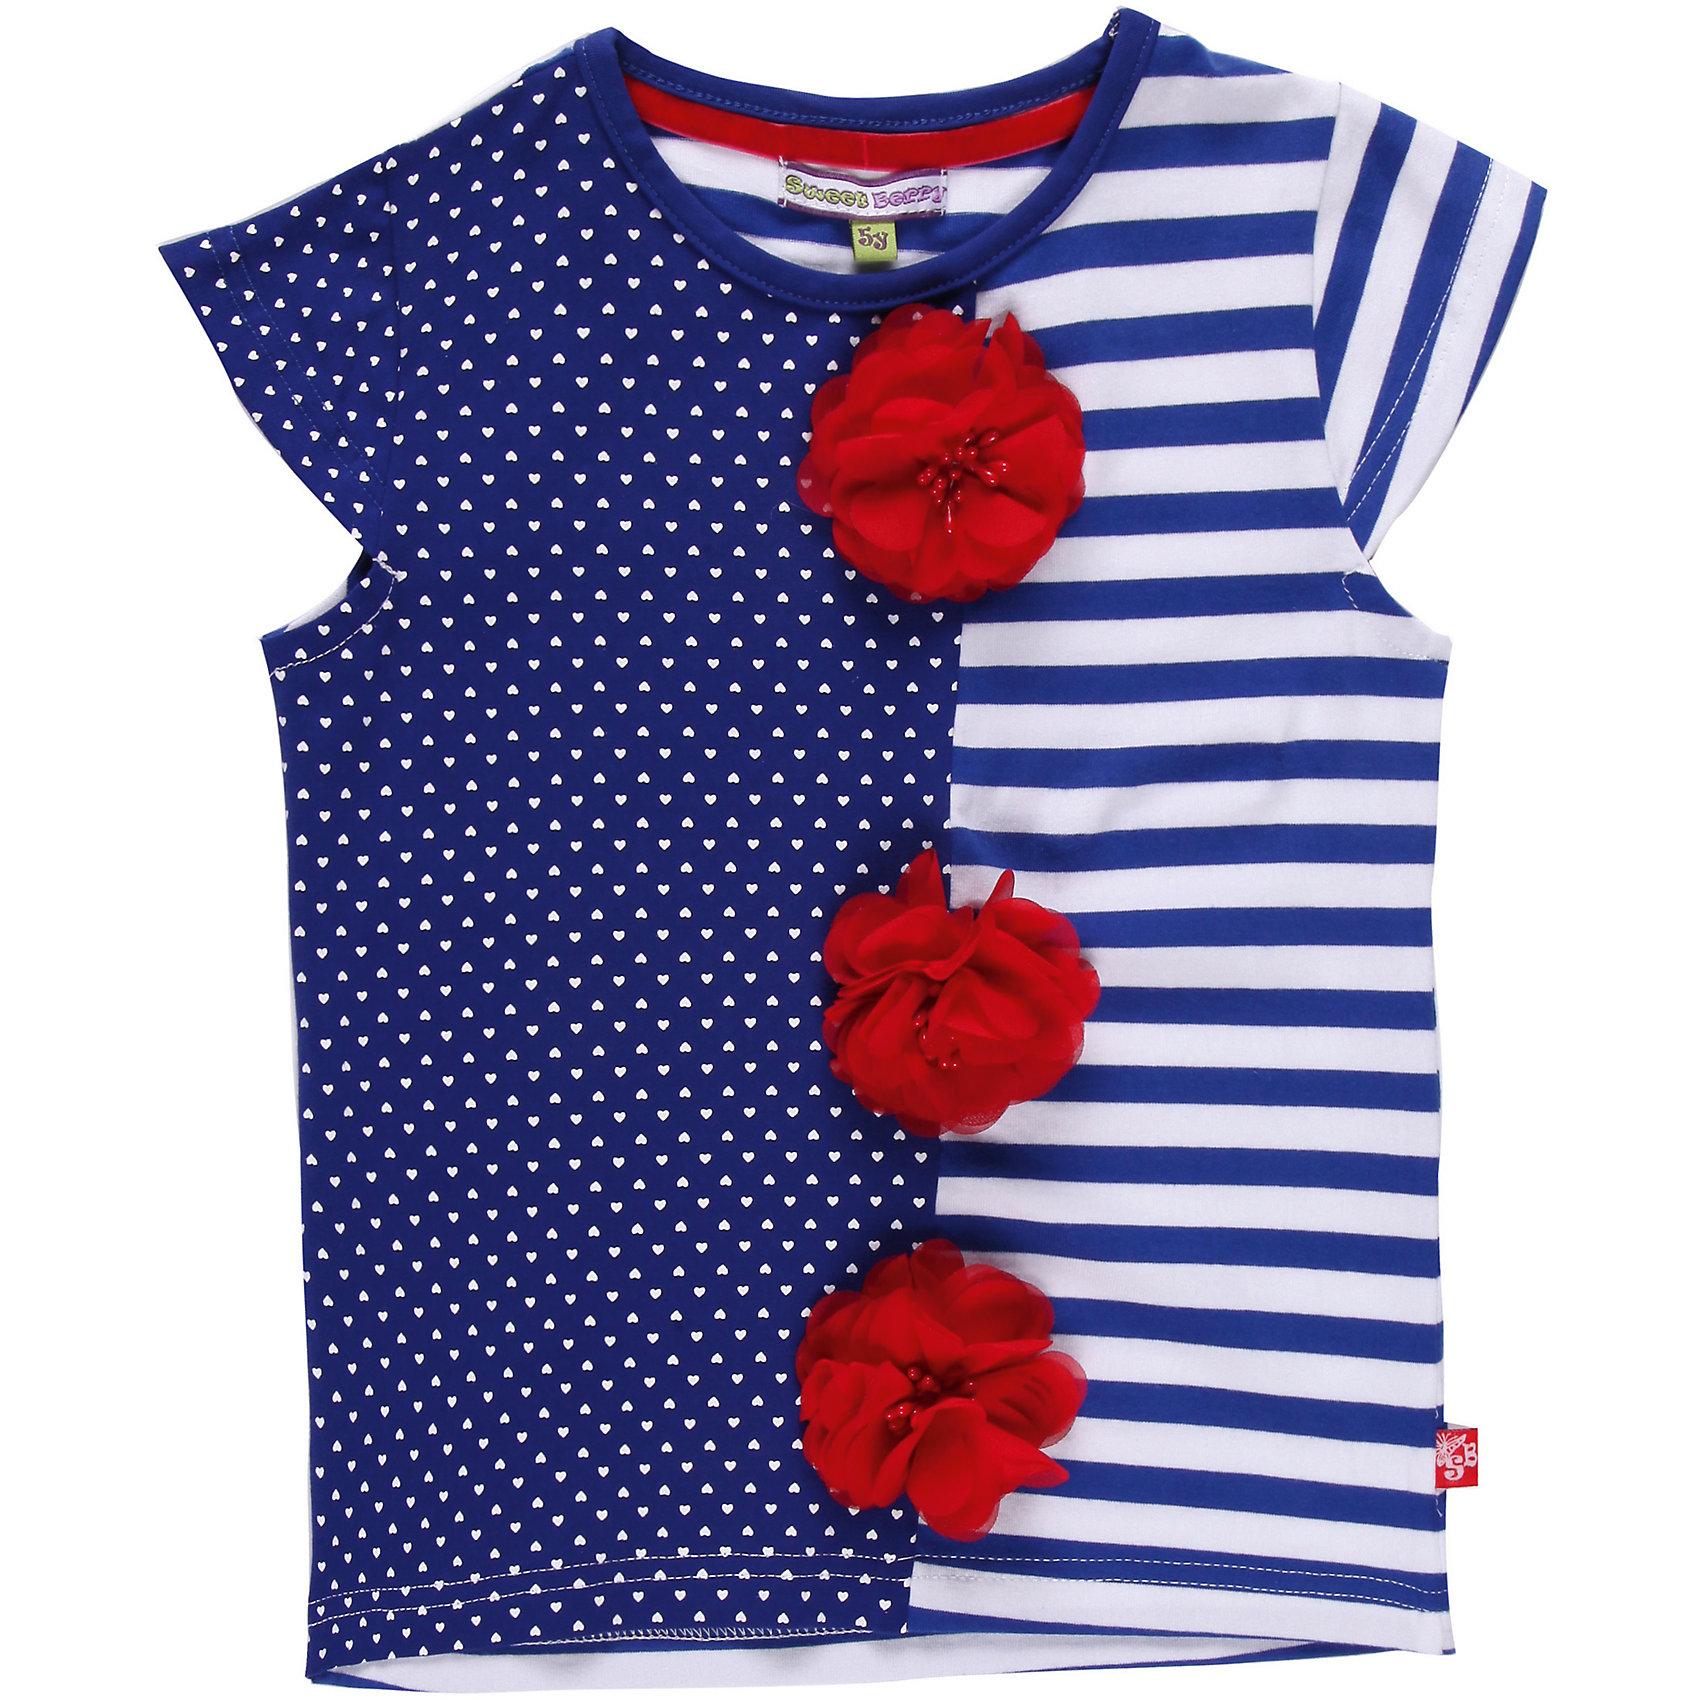 Футболка для девочки Sweet BerryФутболки, поло и топы<br>Трикотажная футболка. Комбинация двух тканей и декор объемными цветами.<br>Состав:<br>95% хлопок, 5% эластан<br><br>Ширина мм: 199<br>Глубина мм: 10<br>Высота мм: 161<br>Вес г: 151<br>Цвет: белый/синий<br>Возраст от месяцев: 36<br>Возраст до месяцев: 48<br>Пол: Женский<br>Возраст: Детский<br>Размер: 104,122,98,128,116,110<br>SKU: 4521000